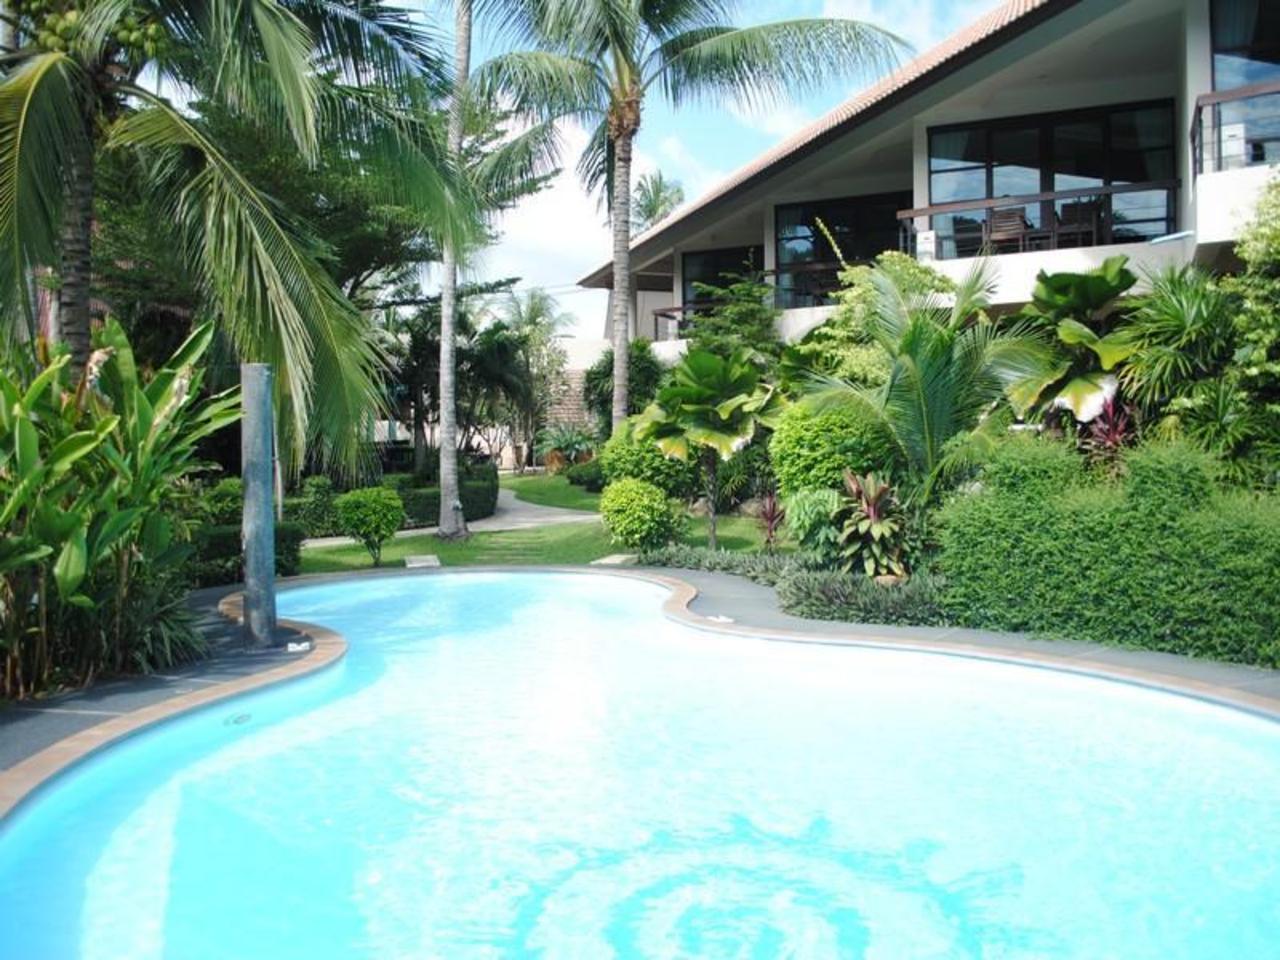 ท้องตะเคียน รีสอร์ท (Thongtakian Resort)